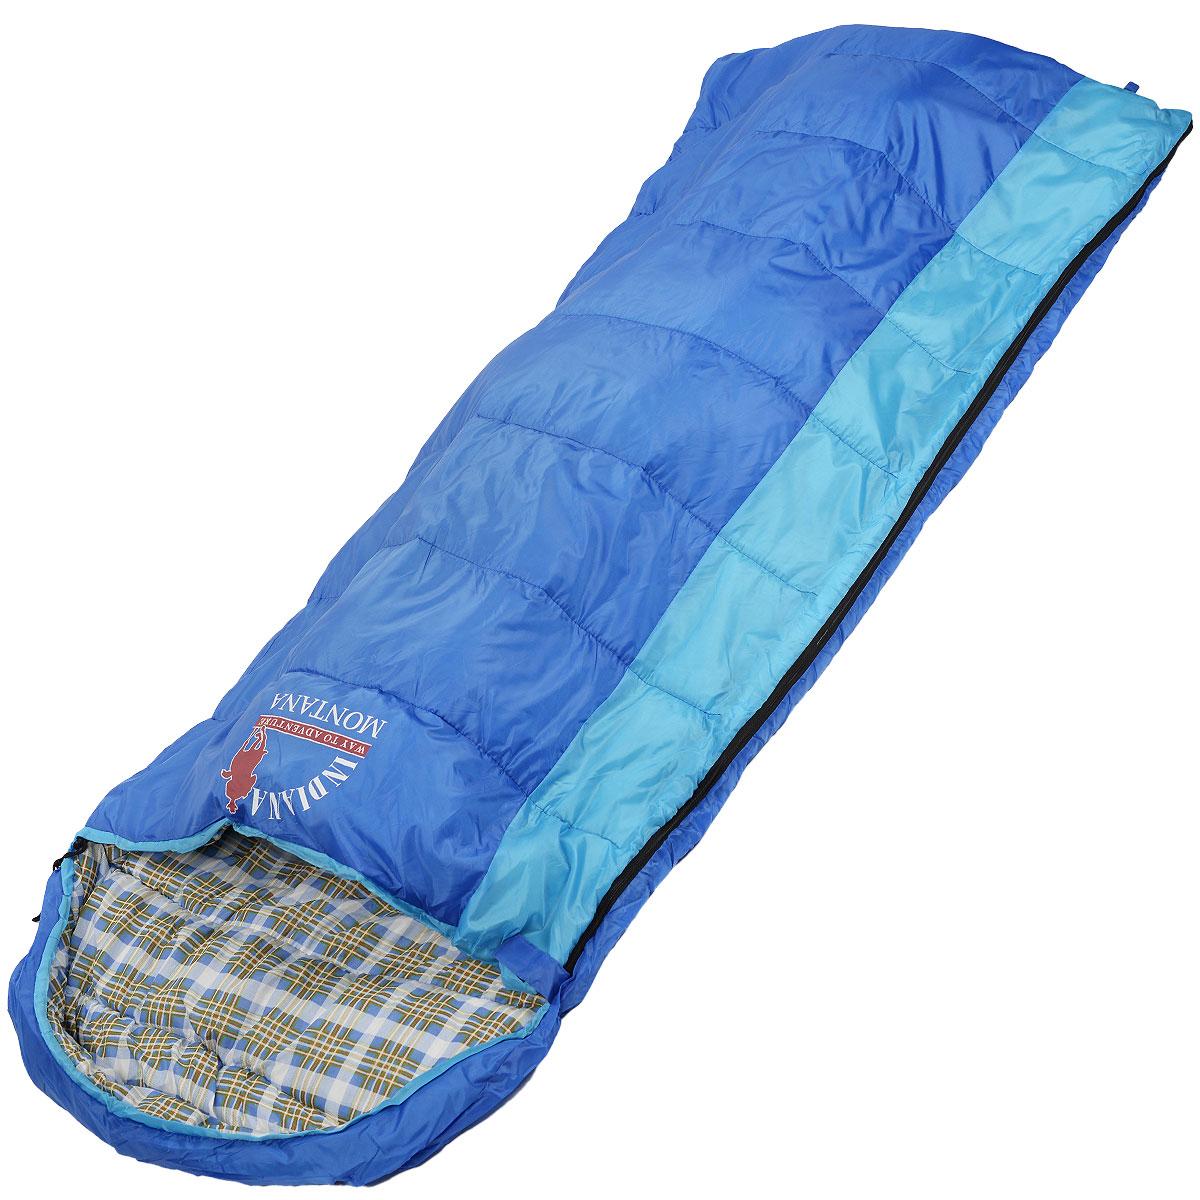 Спальный мешок-одеяло Indiana Montana R-zip от -4 C, цвет: синий, голубой, правосторонняя молния, 180+35 см х 90 см360700035Комфортный спальный мешок с подголовником. Благодаря увеличенным размерам и возможности соединения двух спальных мешков с правой и левой молнией, спальный мешок Indiana Montana является оптимальным выбором для отдыха на природе, туризма и кемпинга, в том числе и в прохладное время года.Что взять с собой в поход?. Статья OZON Гид